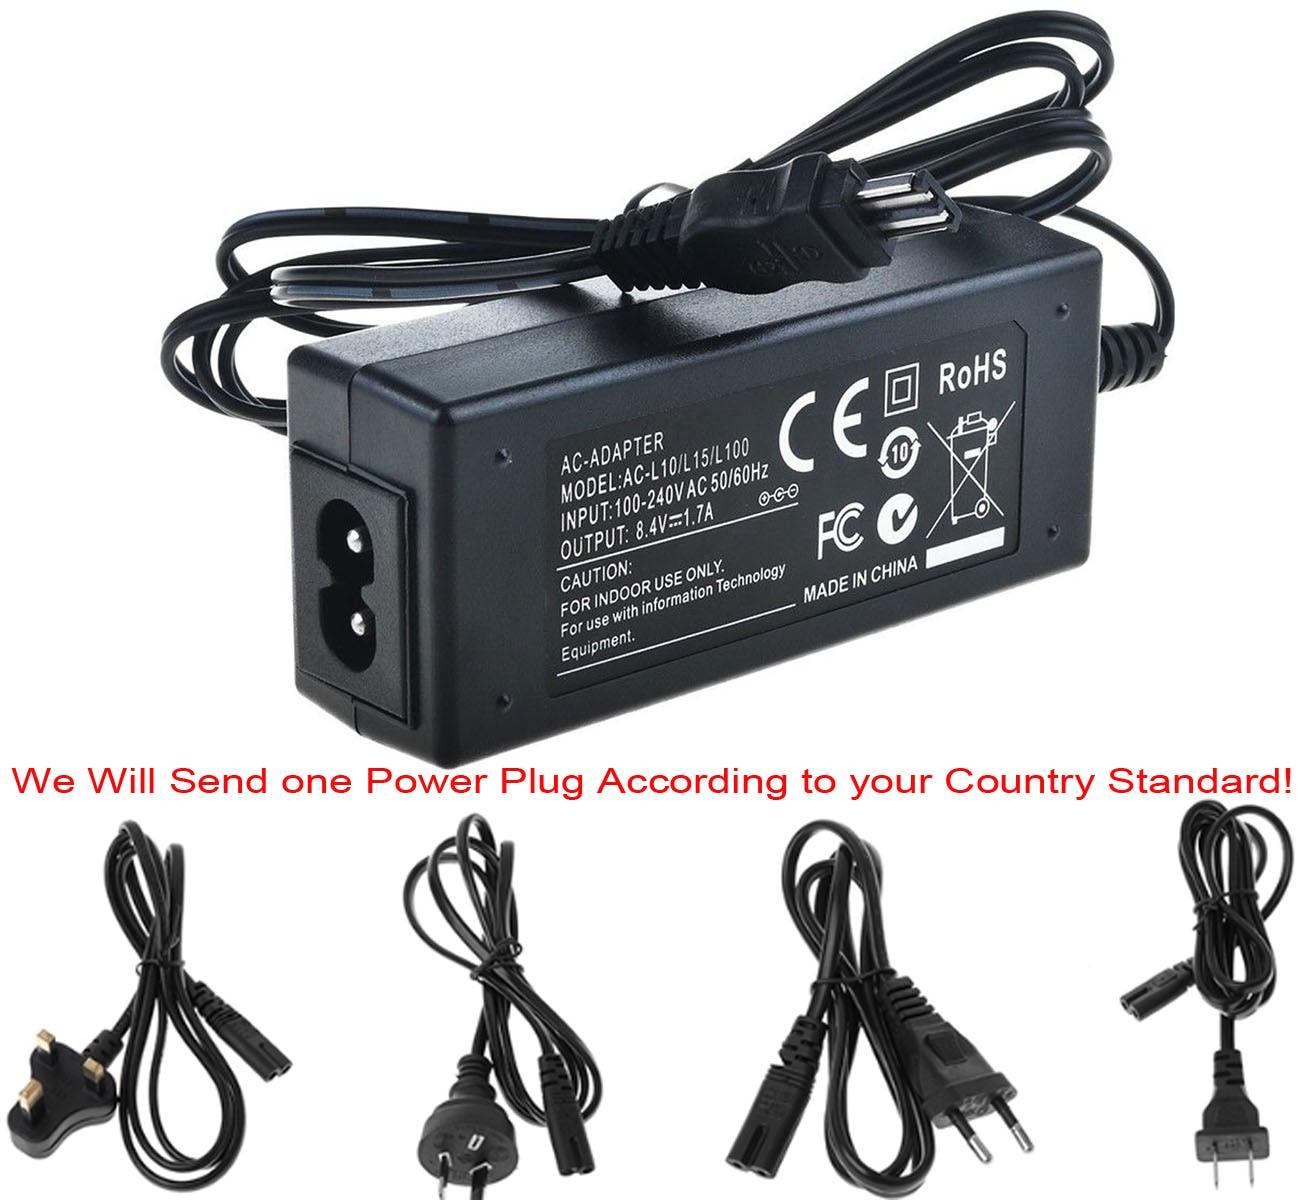 LCD USB Battery Charger for Sony DCR-TRV310E DCR-TRV380E Handycam Camcorder DCR-TRV350E DCR-TRV320E DCR-TRV330E DCR-TRV340E